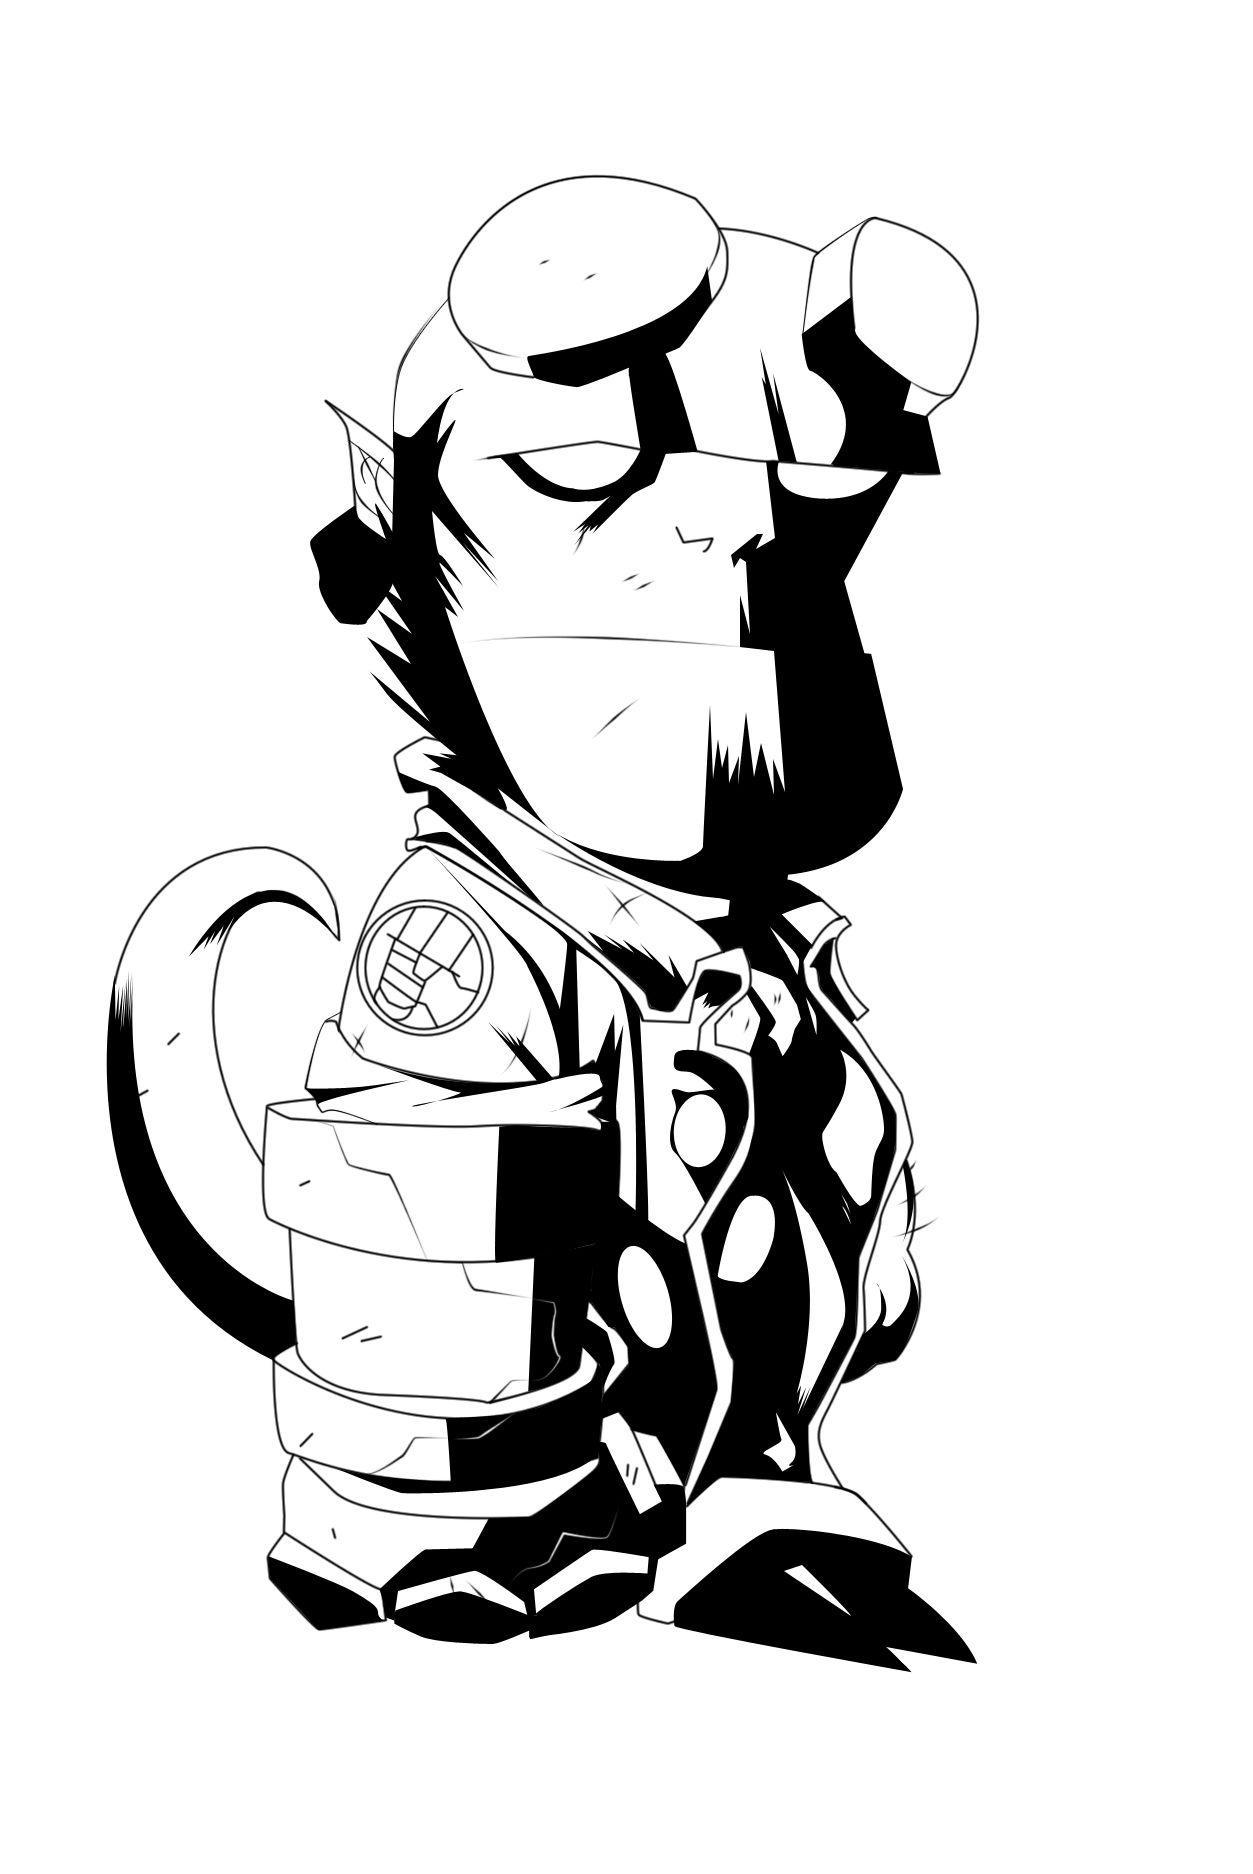 Chibi Hellboy +Inkz+ by AirBornInk22 on DeviantArt